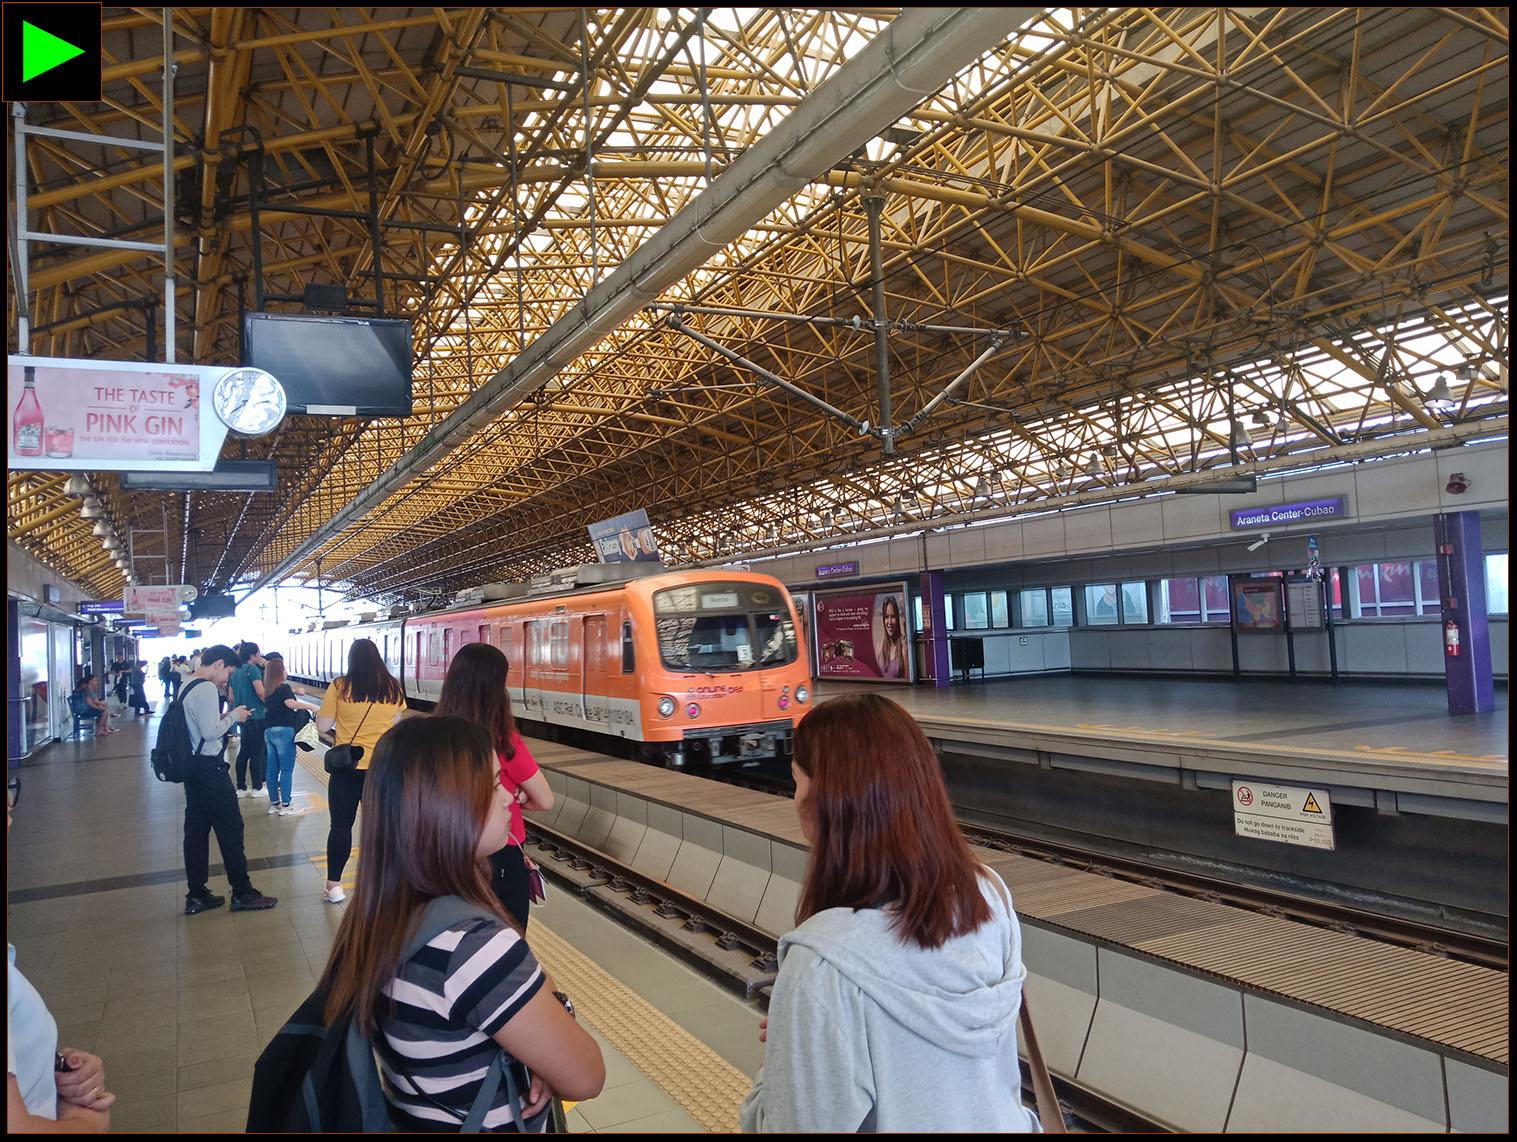 CUBAO-ARANETA LRT STATION